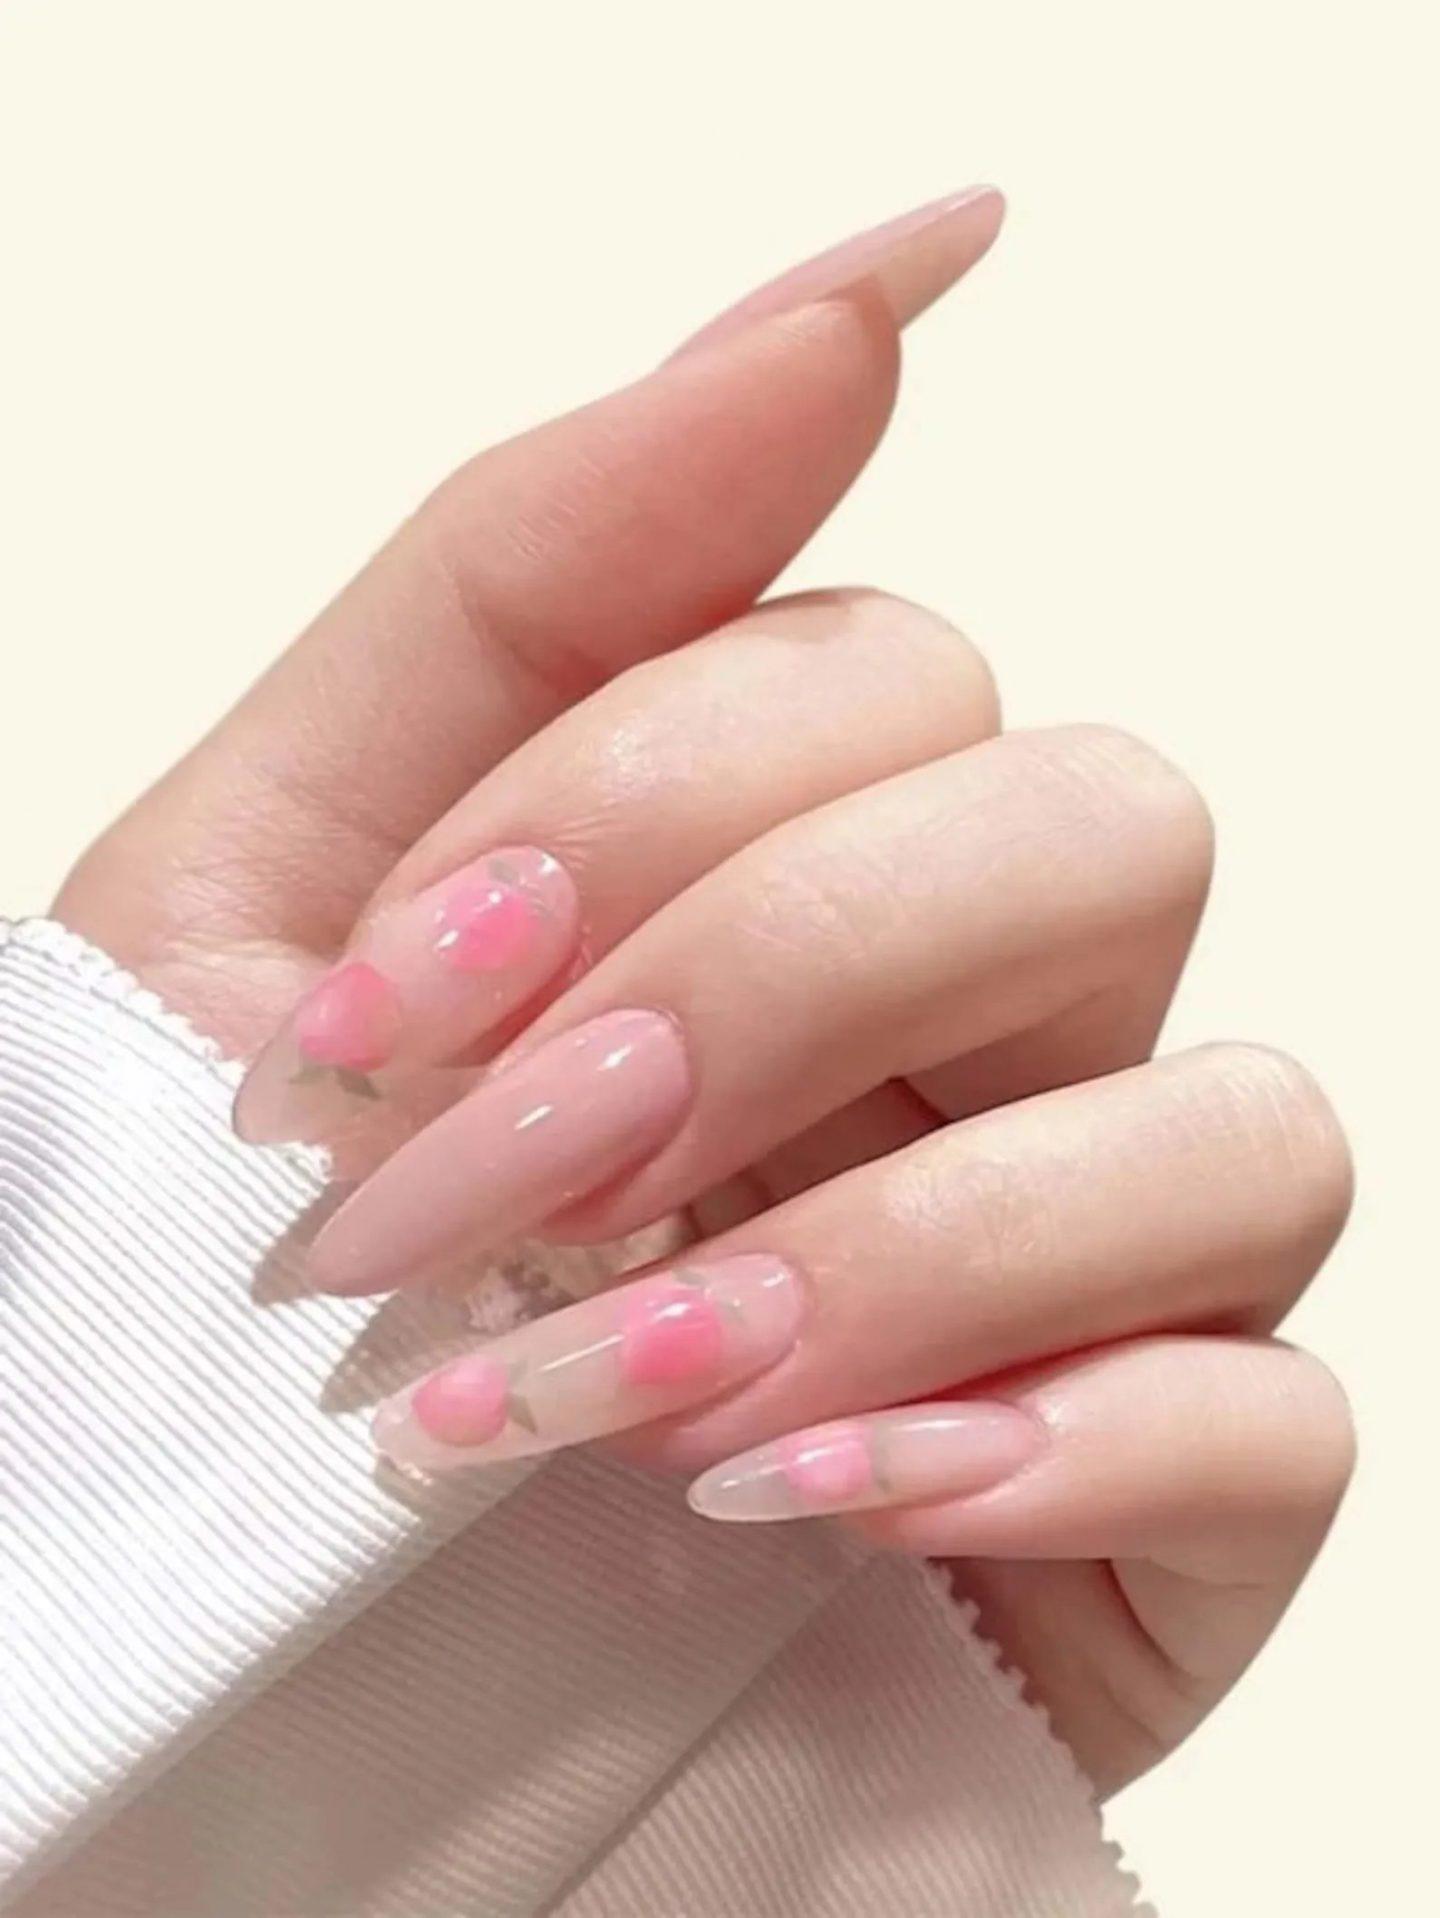 Long peach nails with nail art